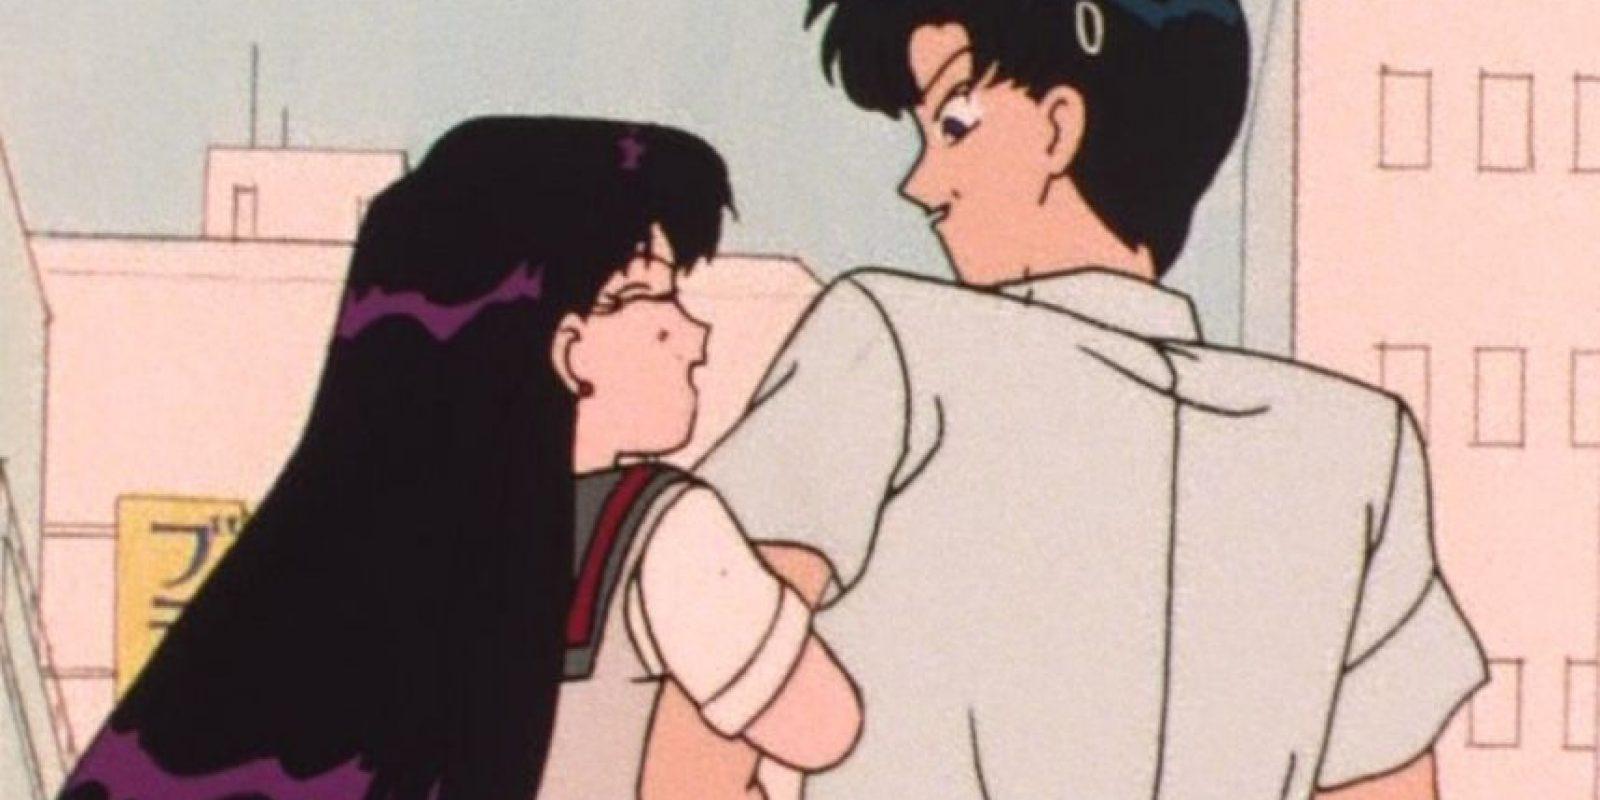 Rei sí fue novia de Darien antes de que este andara con Serena (Usagui) Foto:Toei